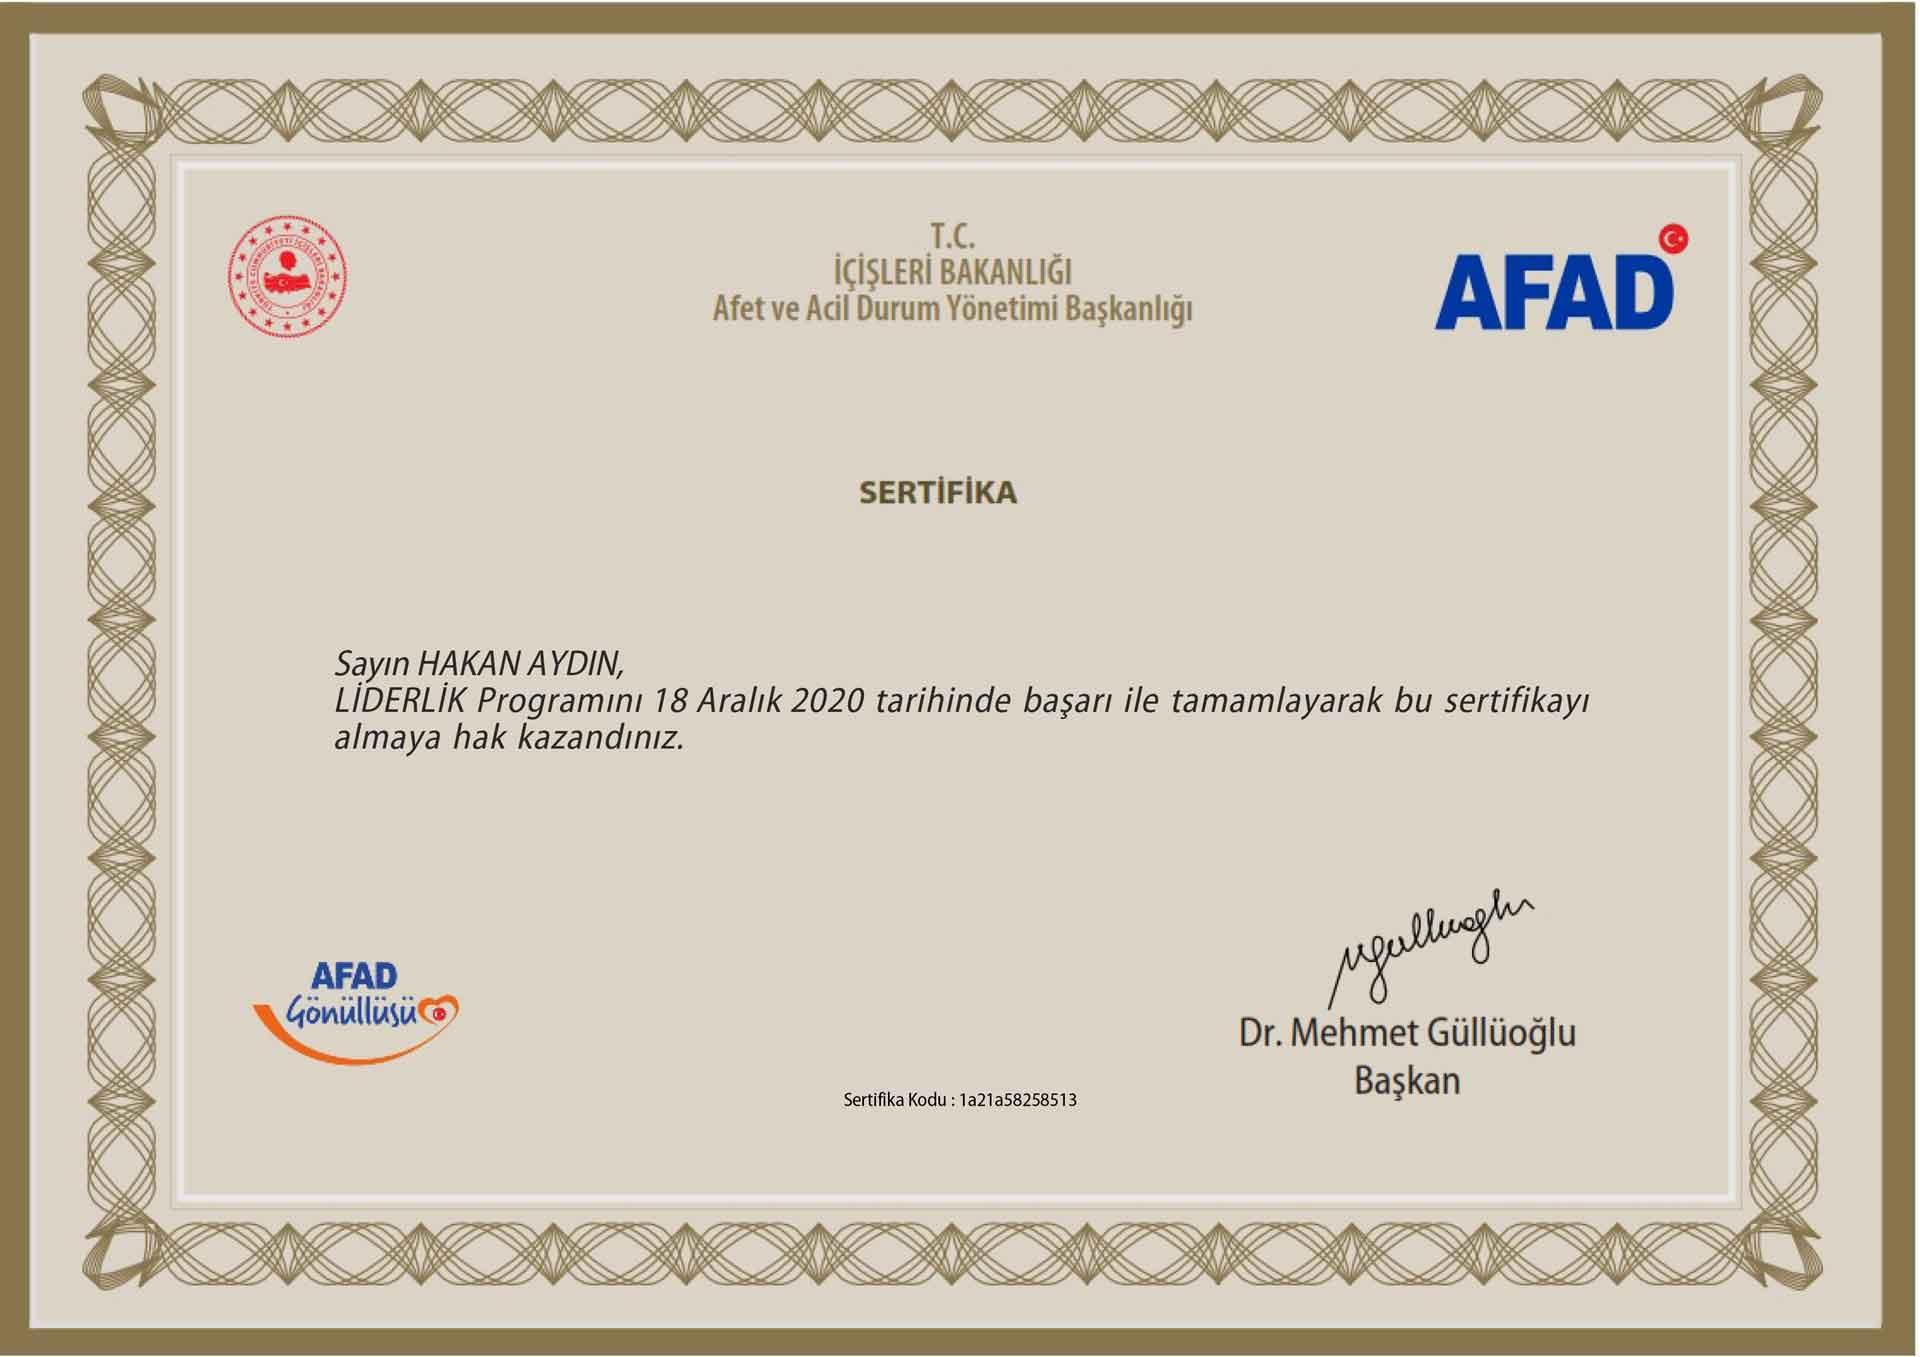 Hakan Aydın Kişisel Gelişim Sertifika AFAD Gönüllüsü Hakan Aydın Sertifikaları